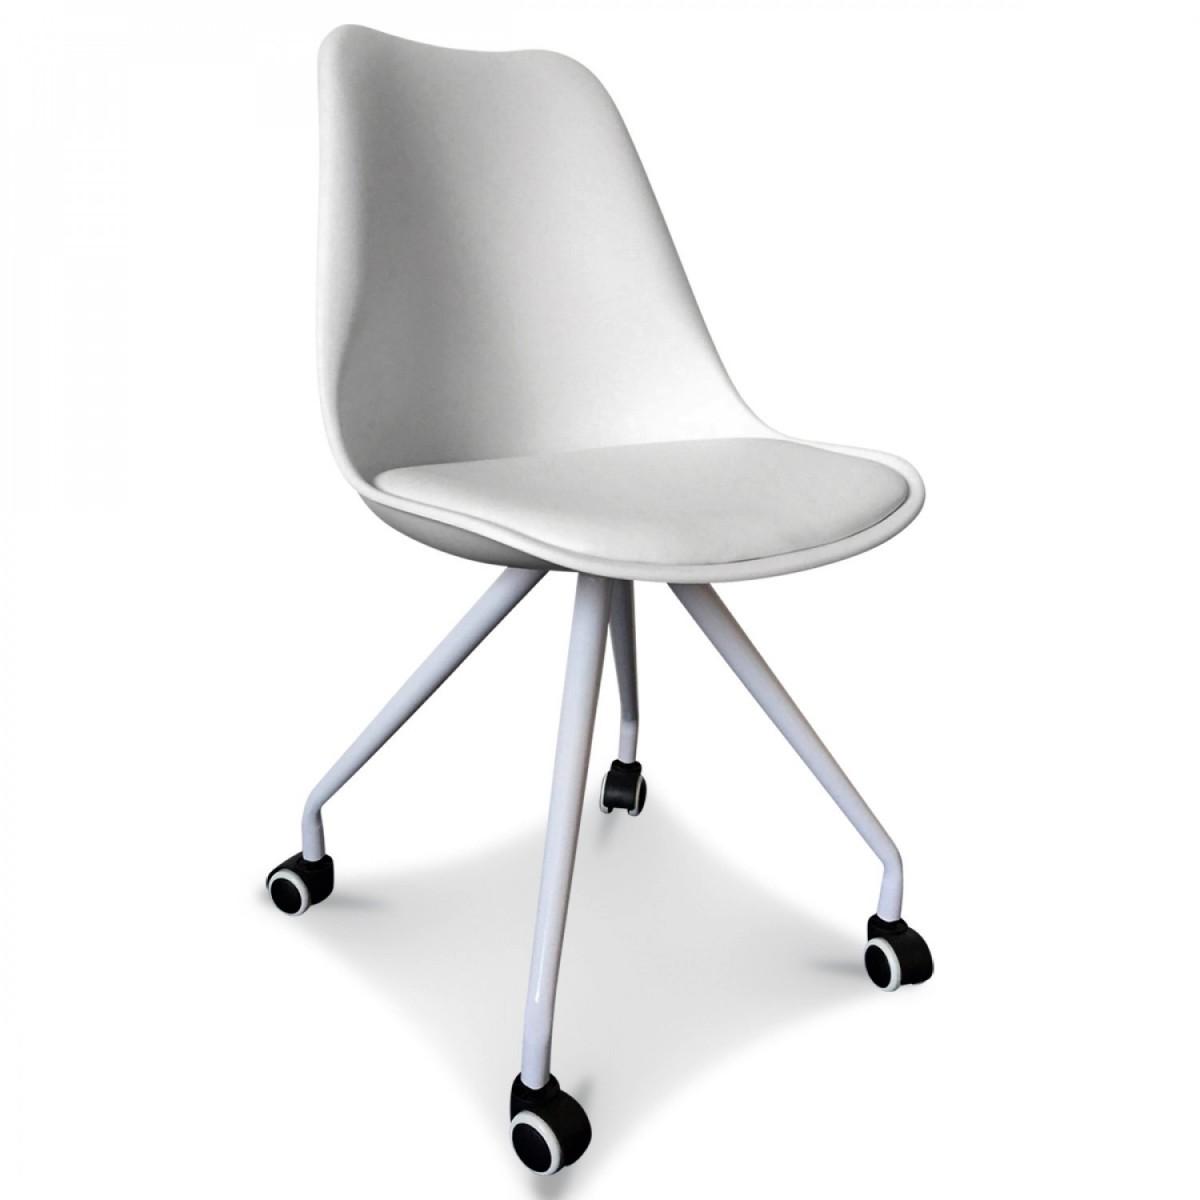 chaise de bureau northy blanche. Black Bedroom Furniture Sets. Home Design Ideas